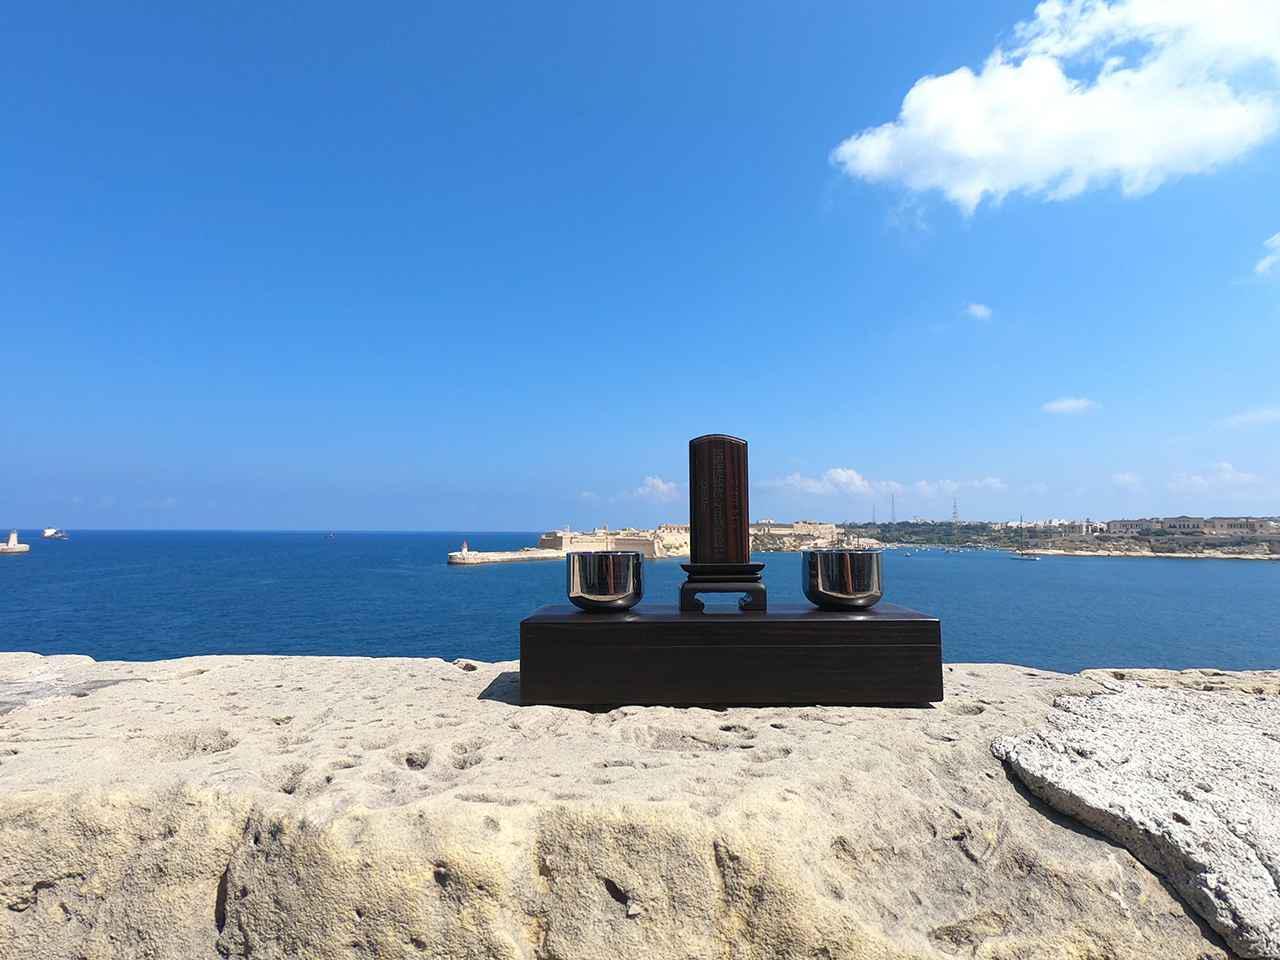 画像: 旅する仏壇 - 手提げトートバッグで一緒に海へお散歩/株式会社神原